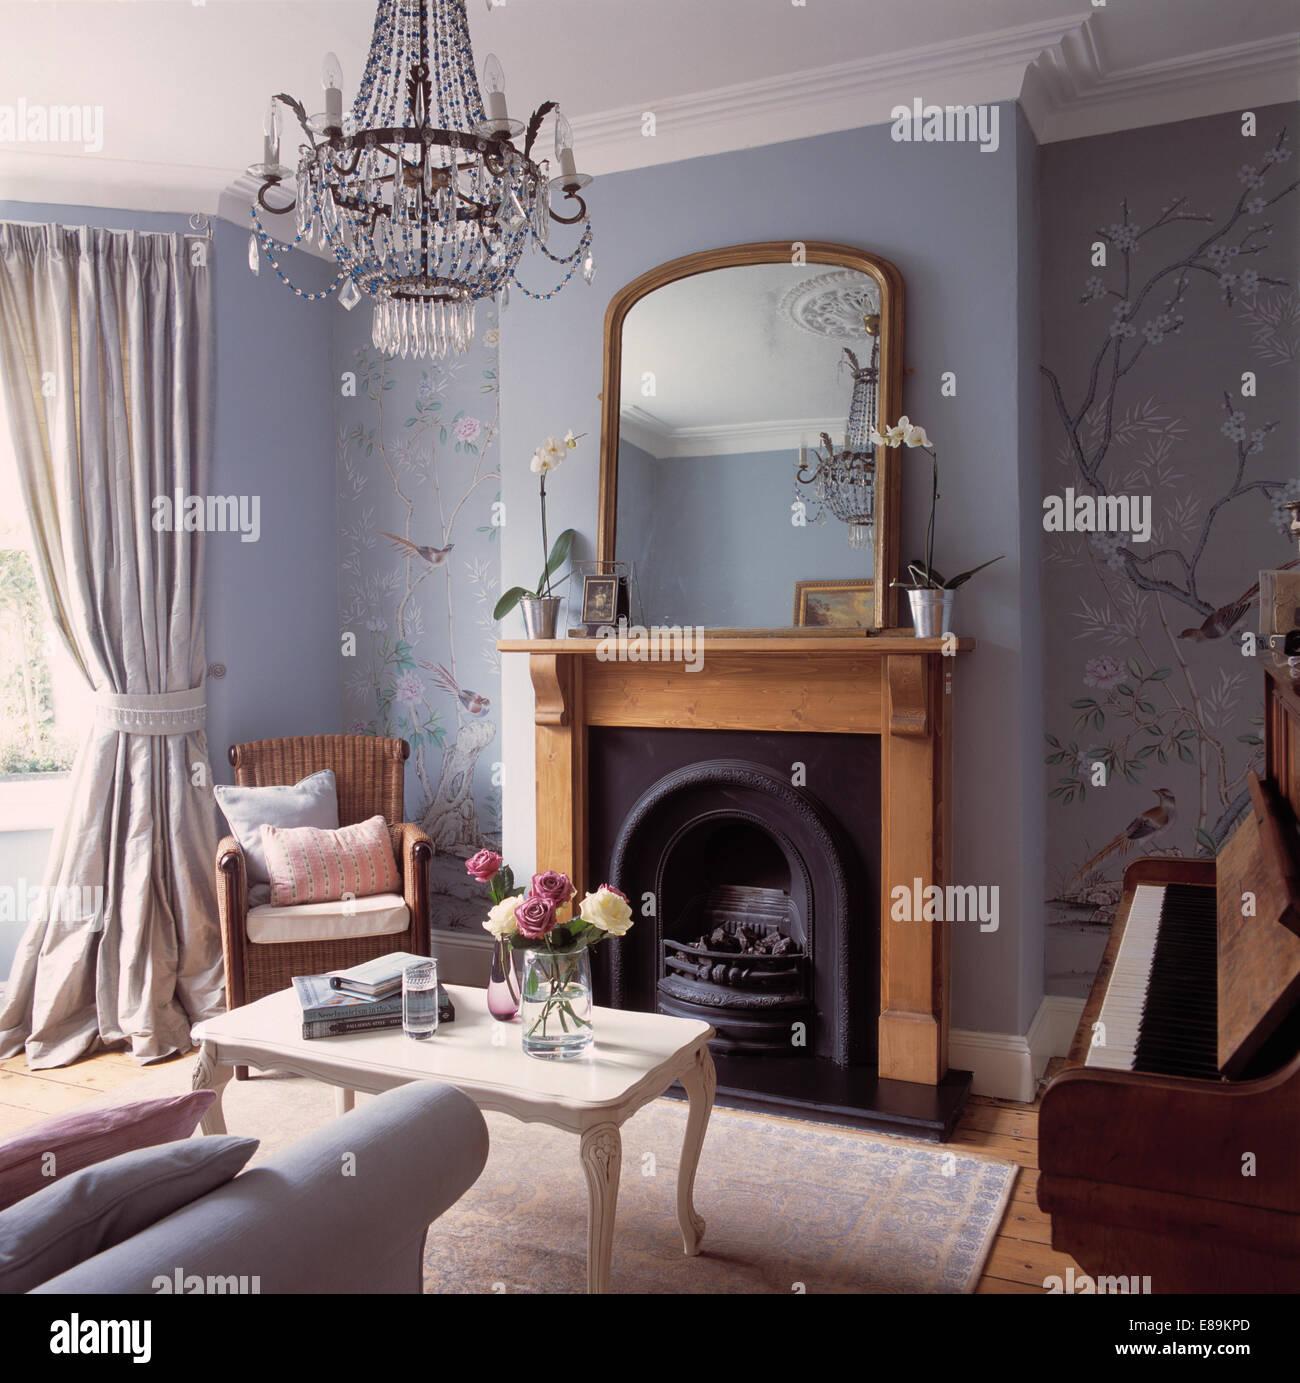 Große antike vergoldete Spiegel über Kiefer Kaminsims im Wohnzimmer ...